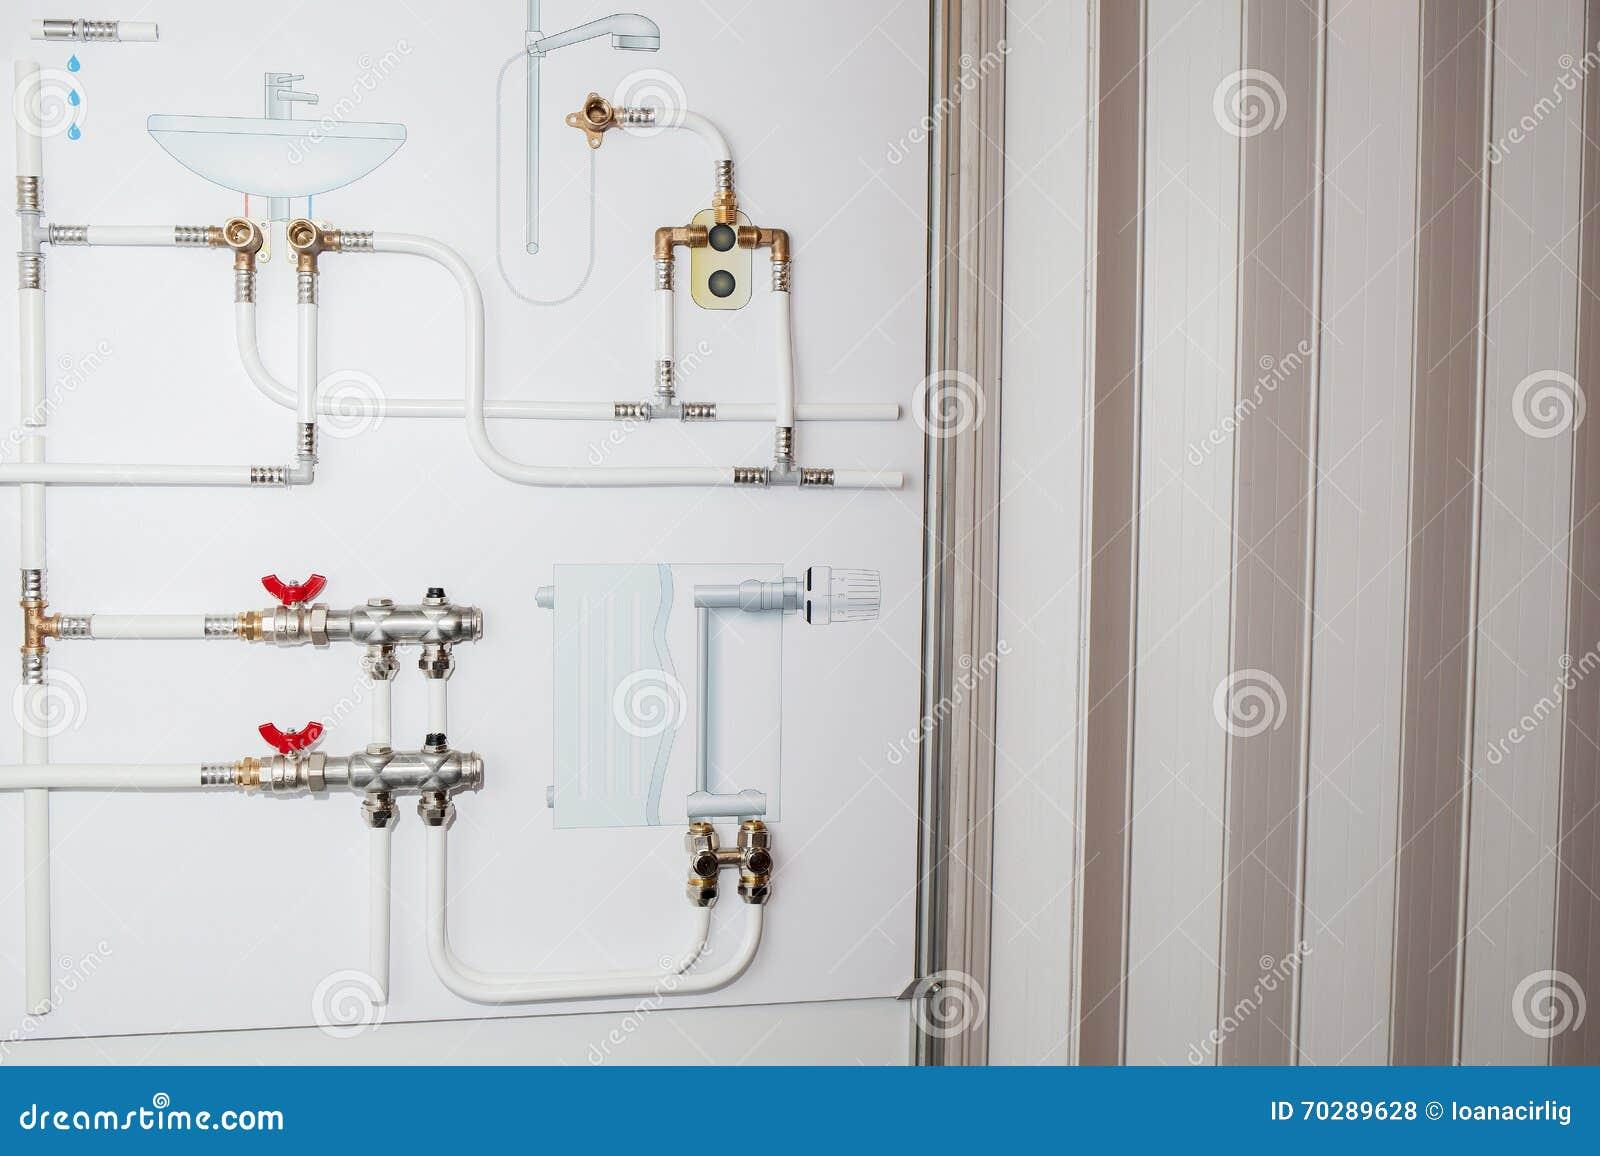 Schizzo dei dispositivi di impianto idraulico del bagno